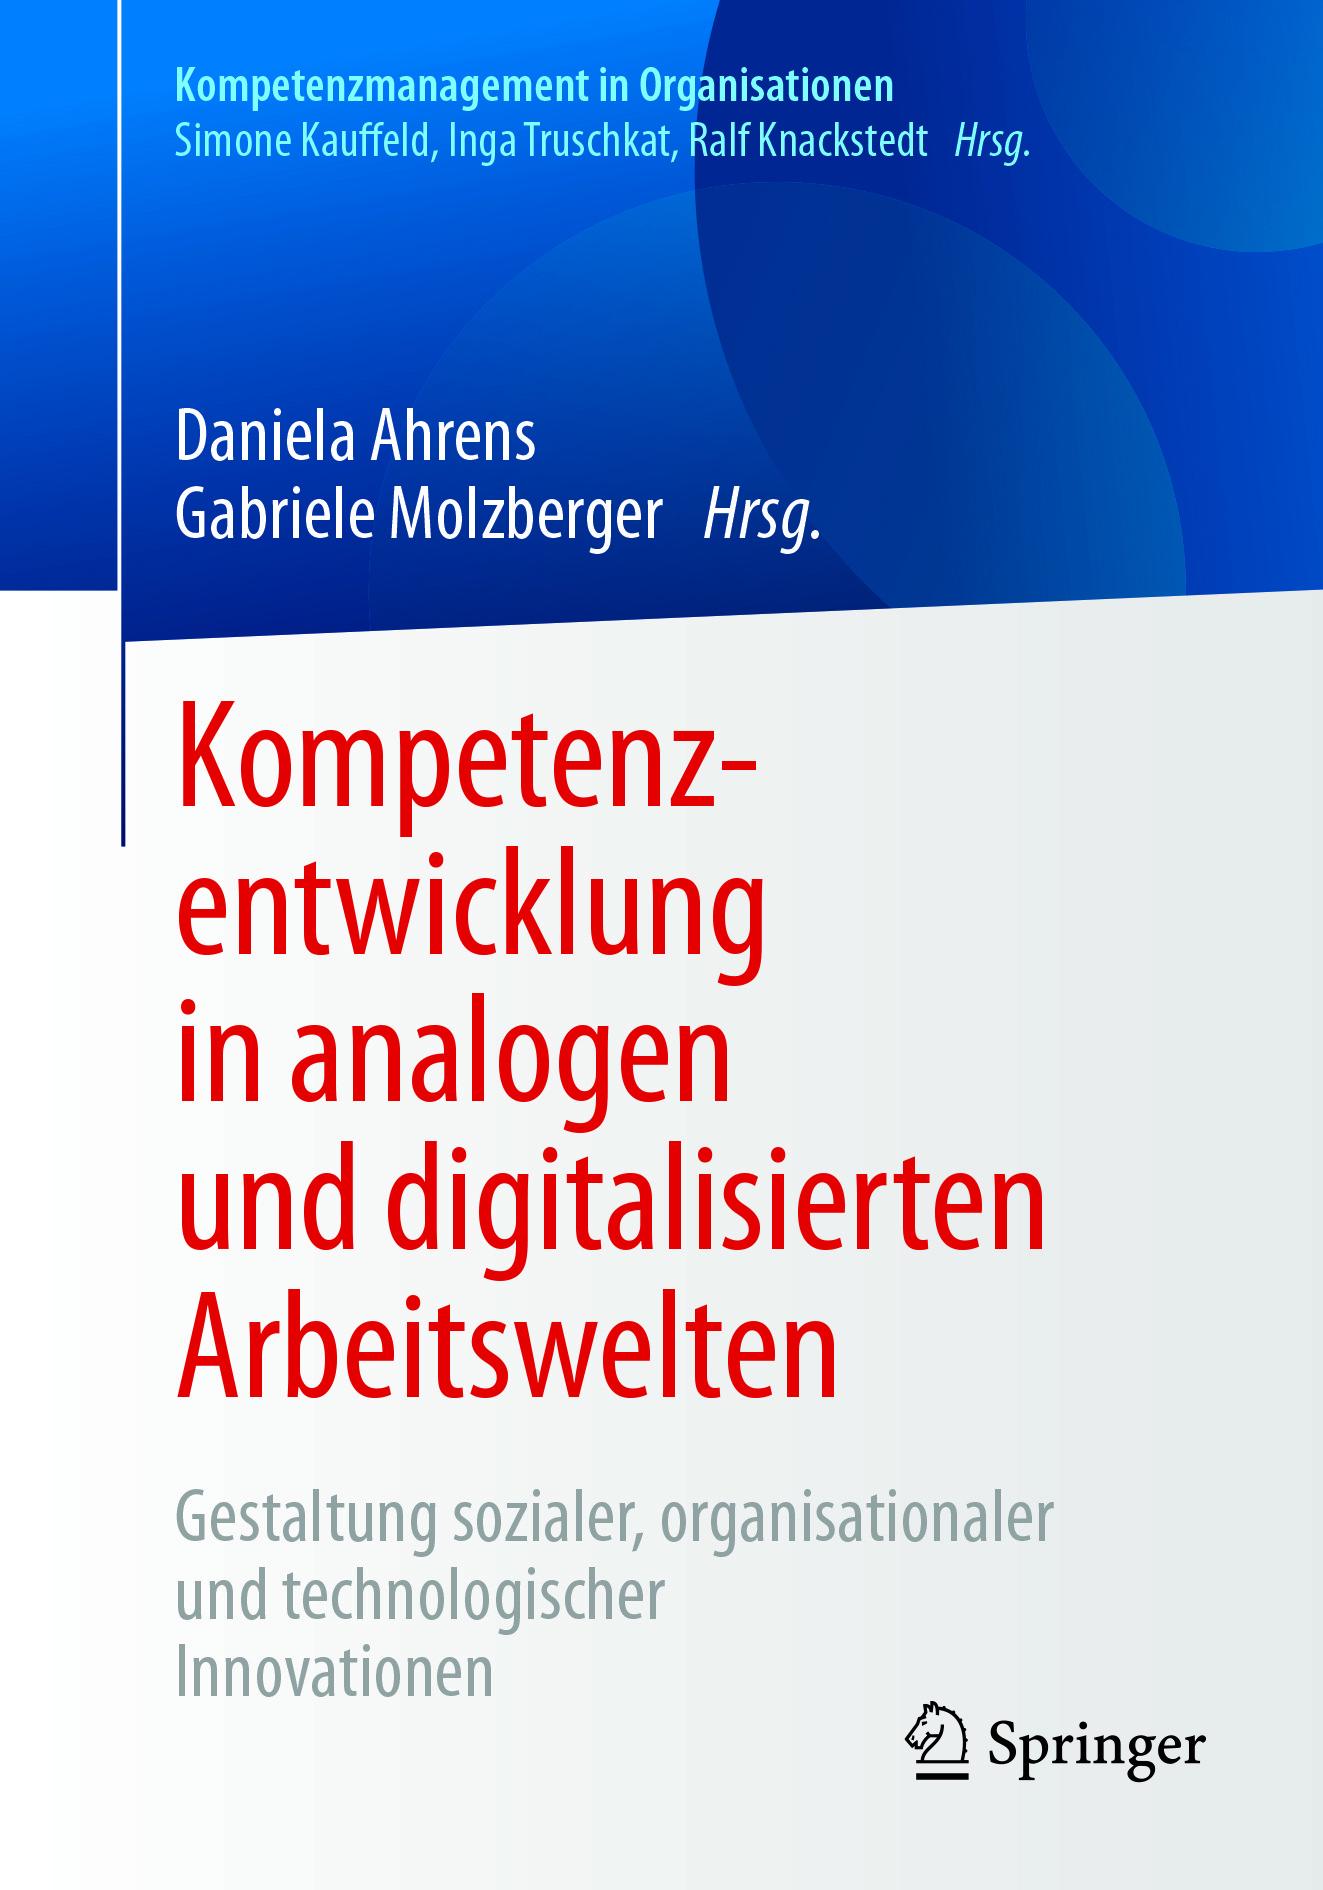 Ahrens, Daniela - Kompetenzentwicklung in analogen und digitalisierten Arbeitswelten, ebook